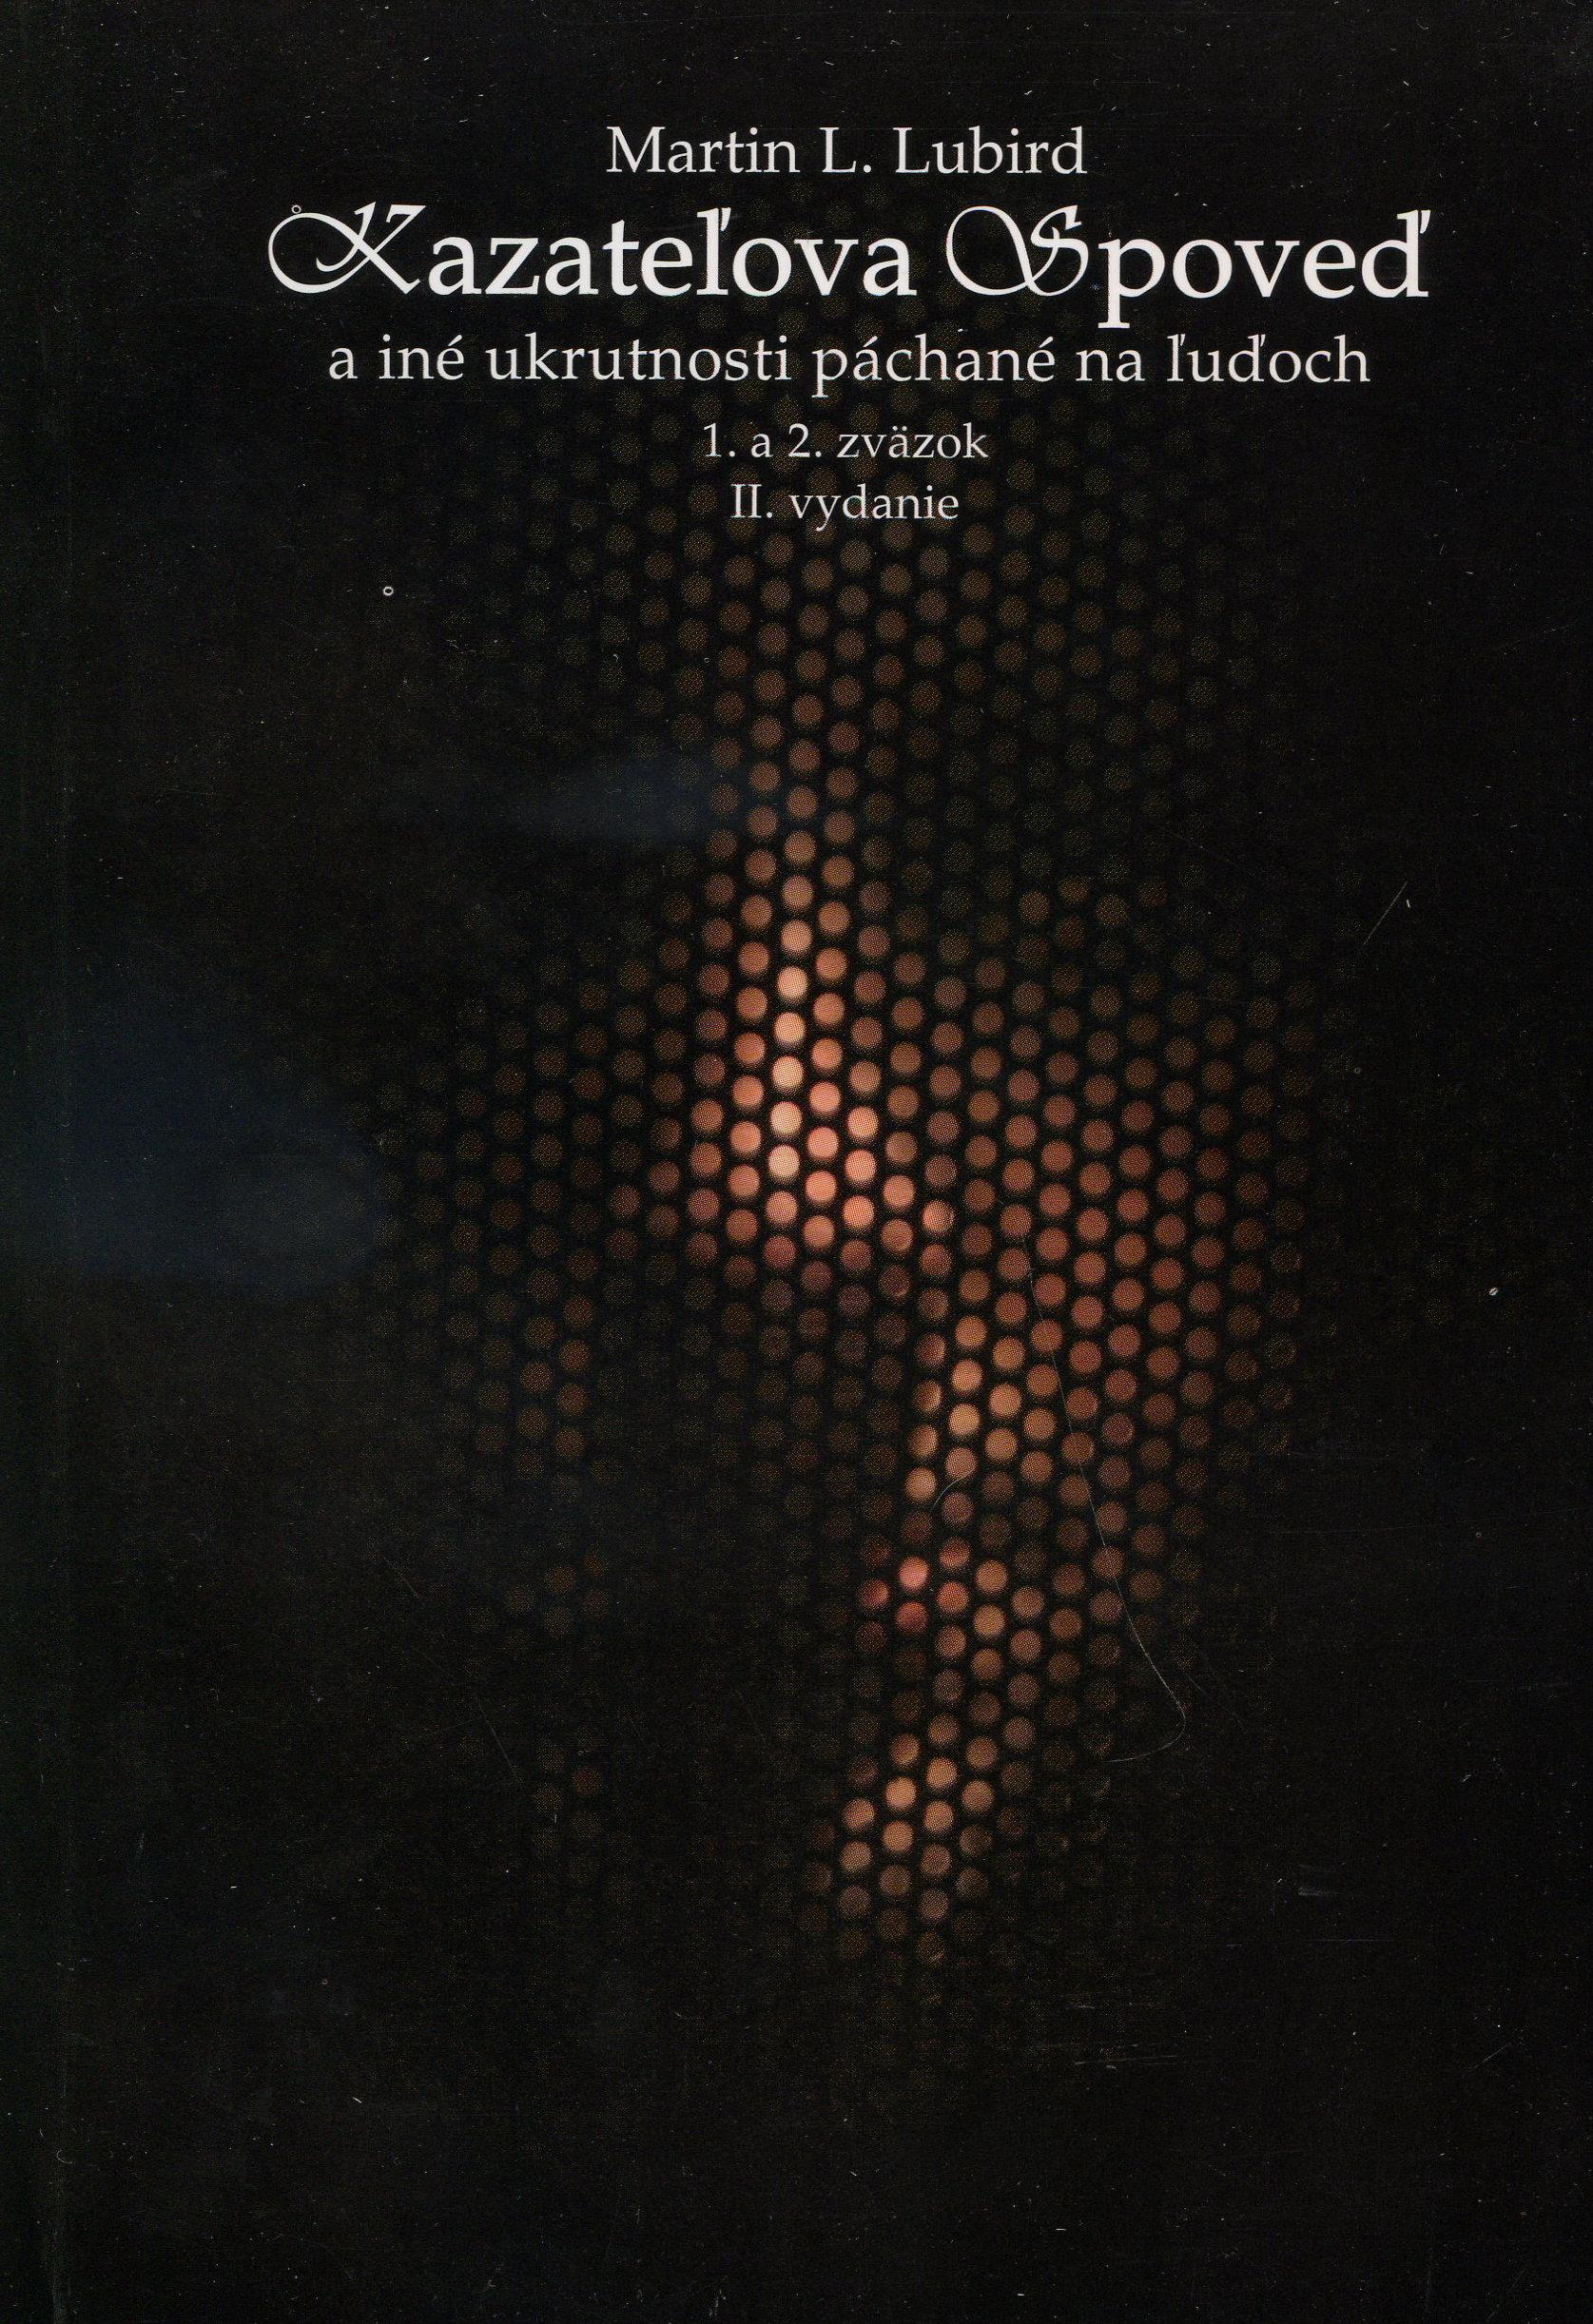 Kazateľova spoveď a iné ukrutnosti páchané na ľuďoch (1. a 2. zväzok) - 2. vydanie